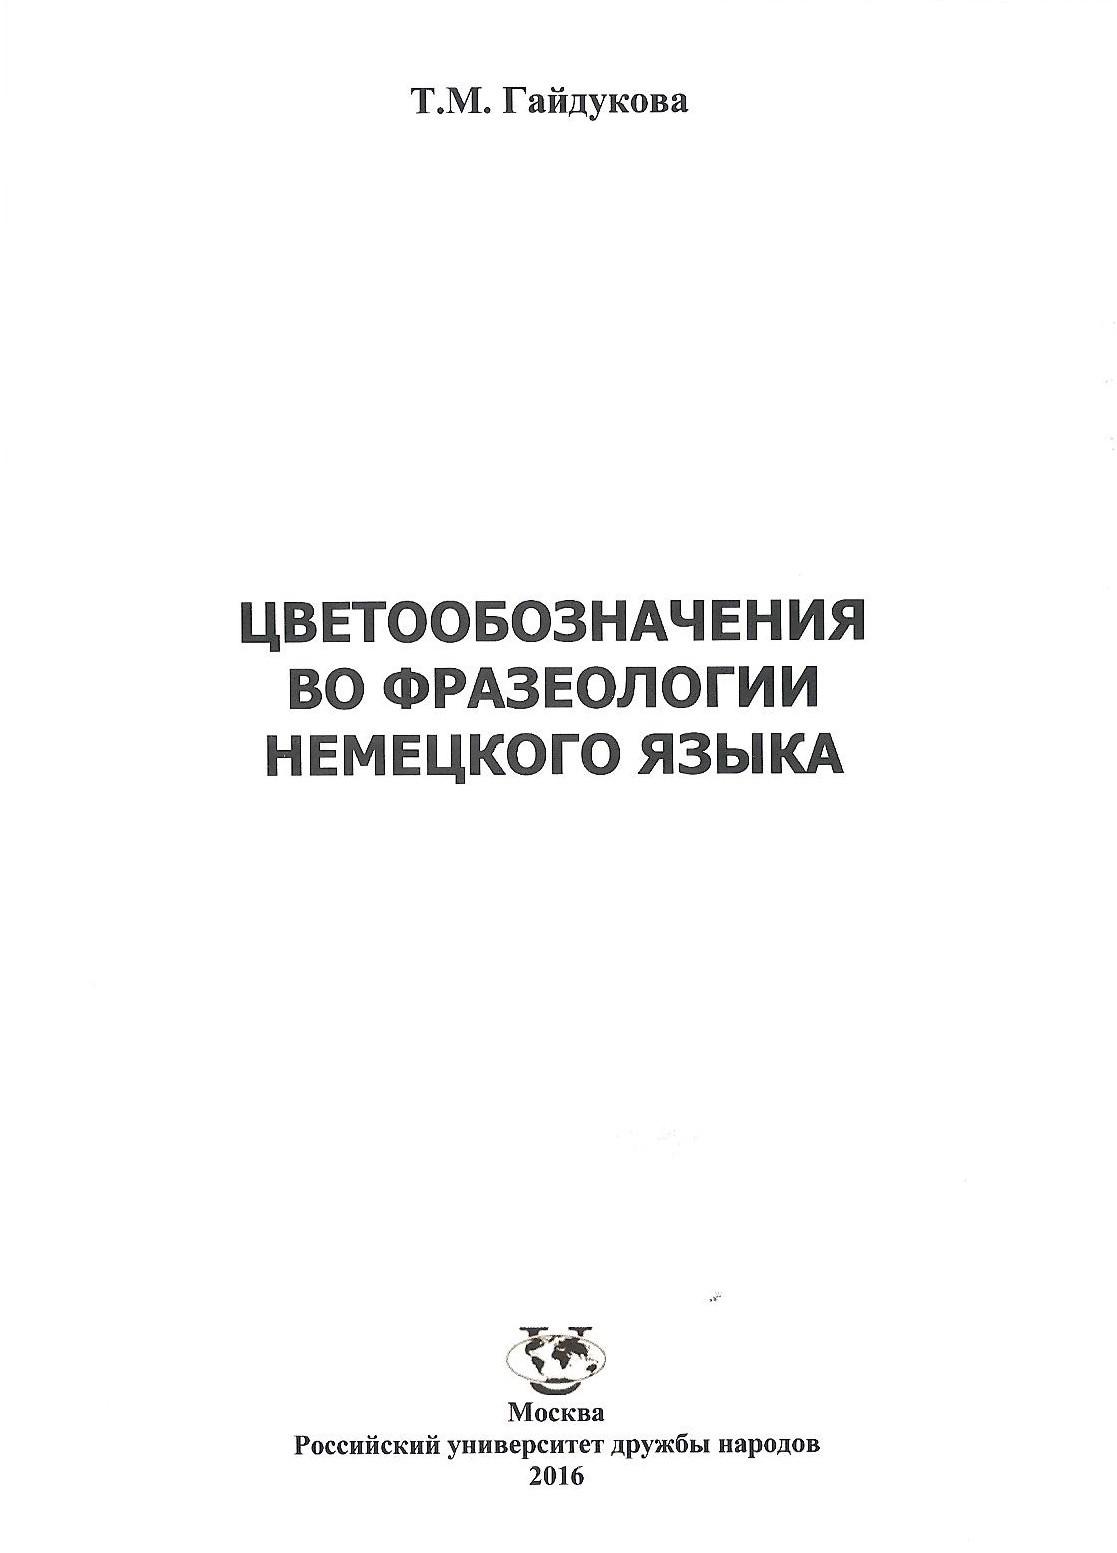 Цветообозначения во фразеологии немецкого языка: Монография